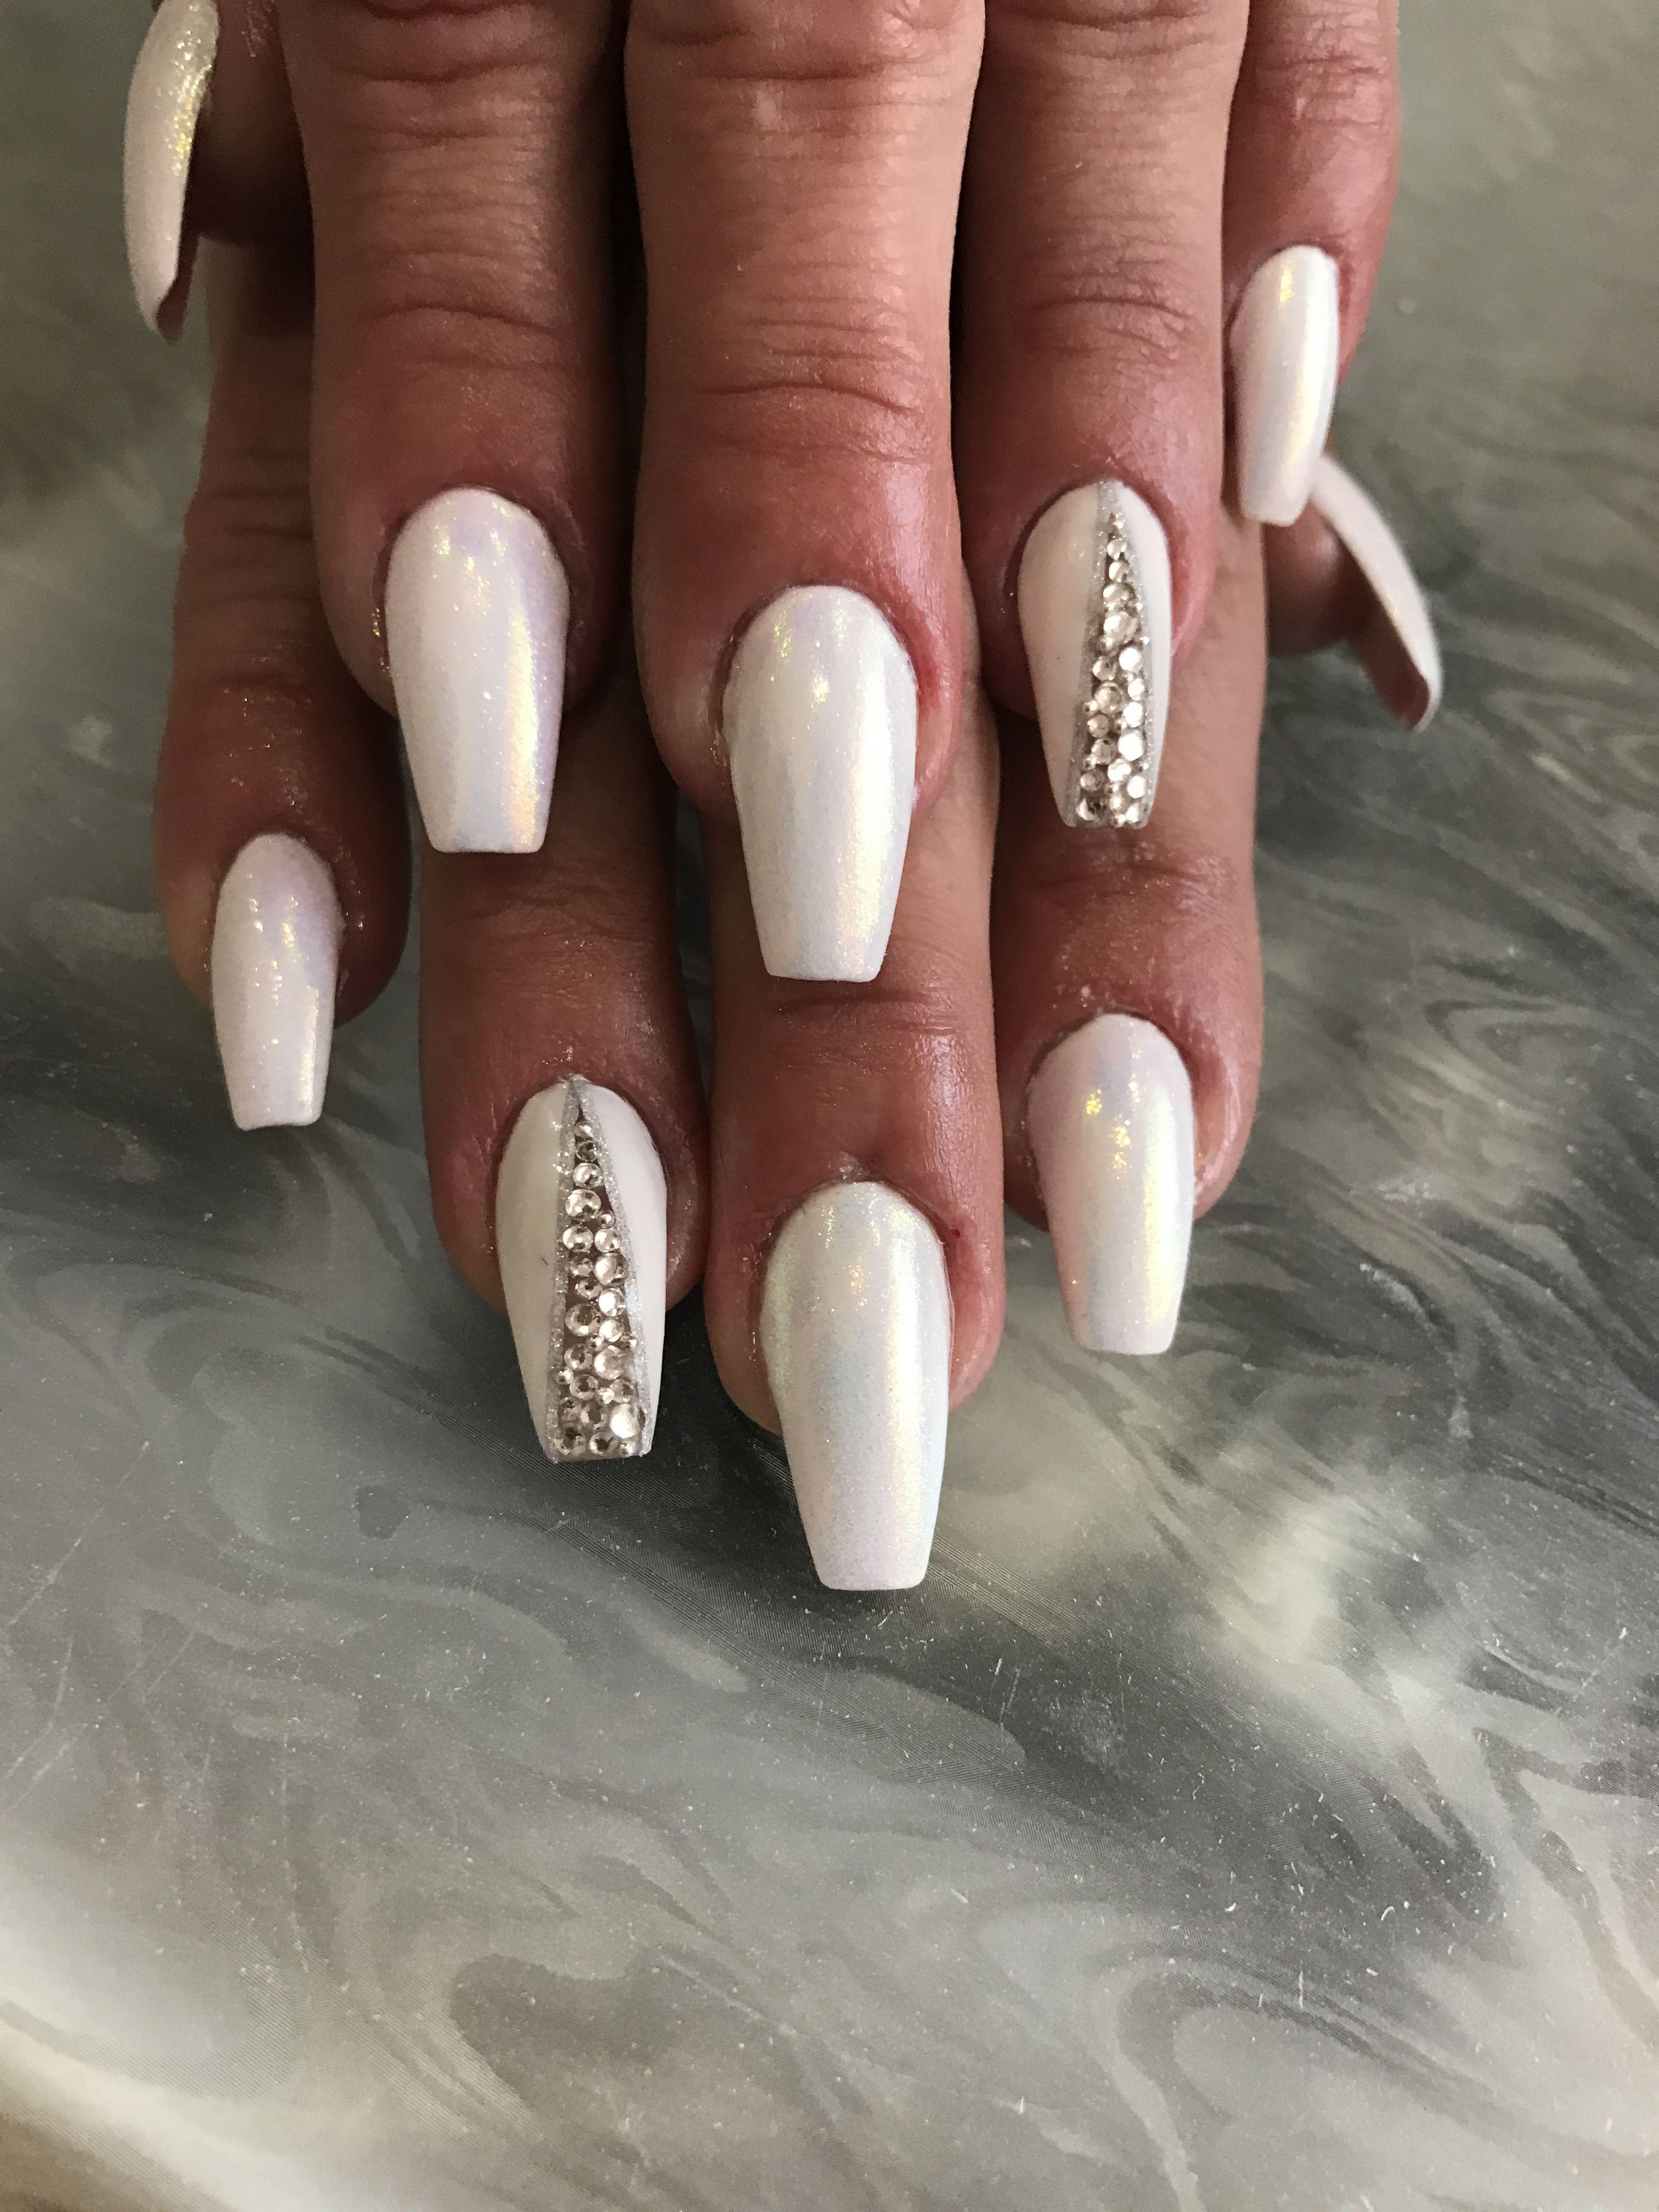 красивый дизайн ногтей втирка с камнями